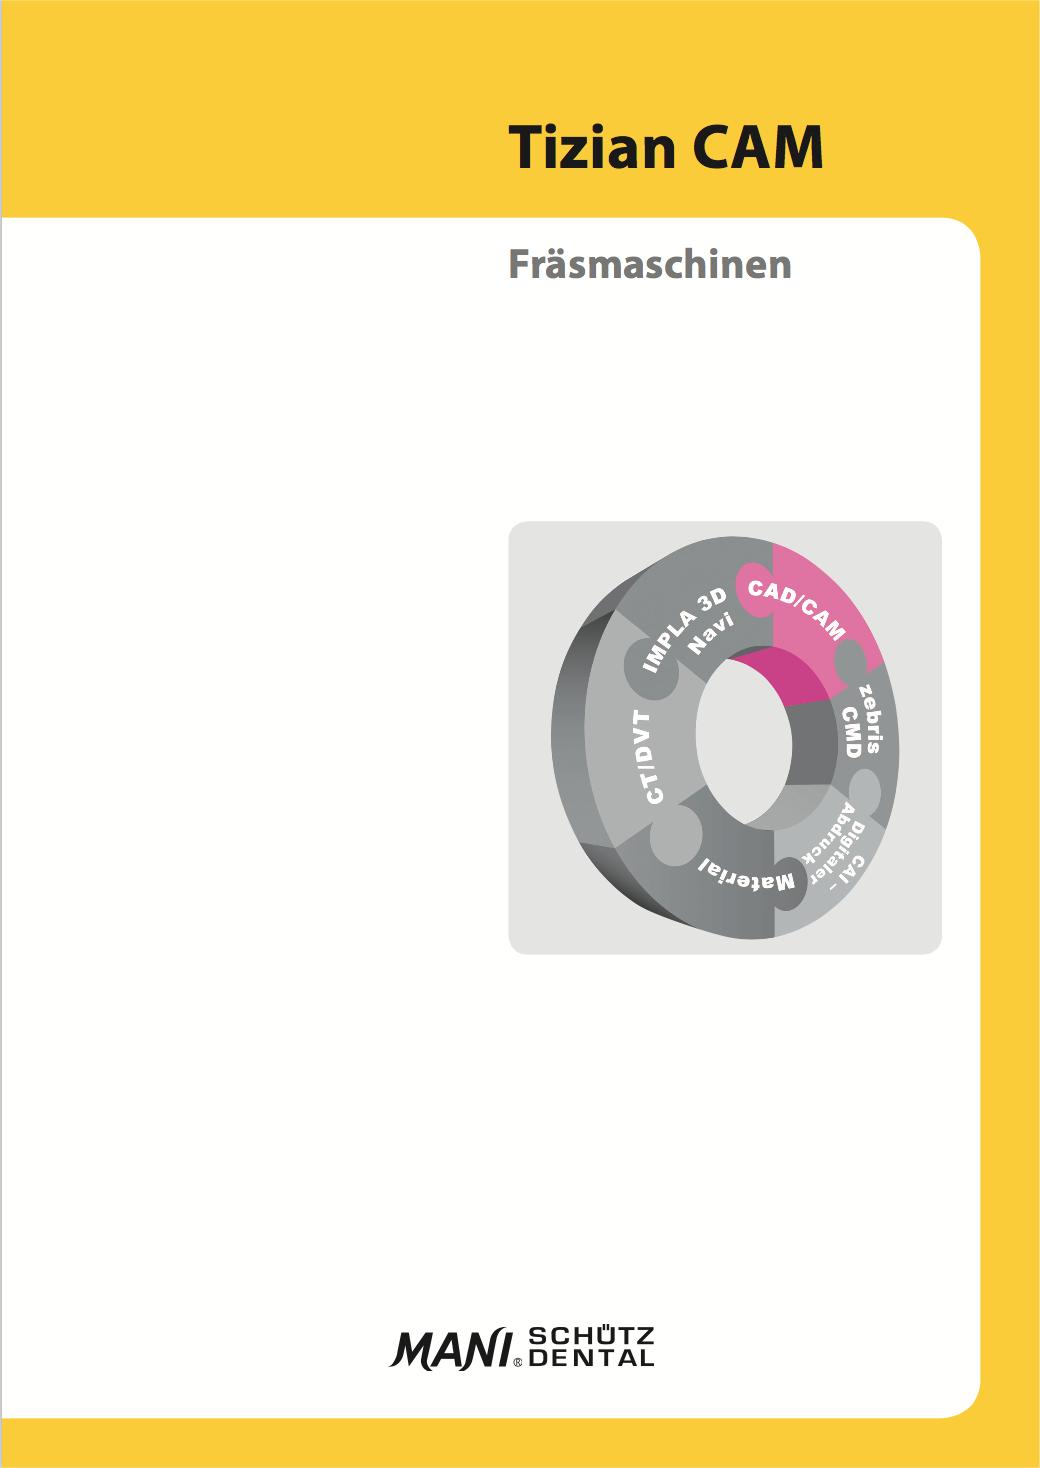 Tizian CAM Fräsmaschinen (Deutsch)